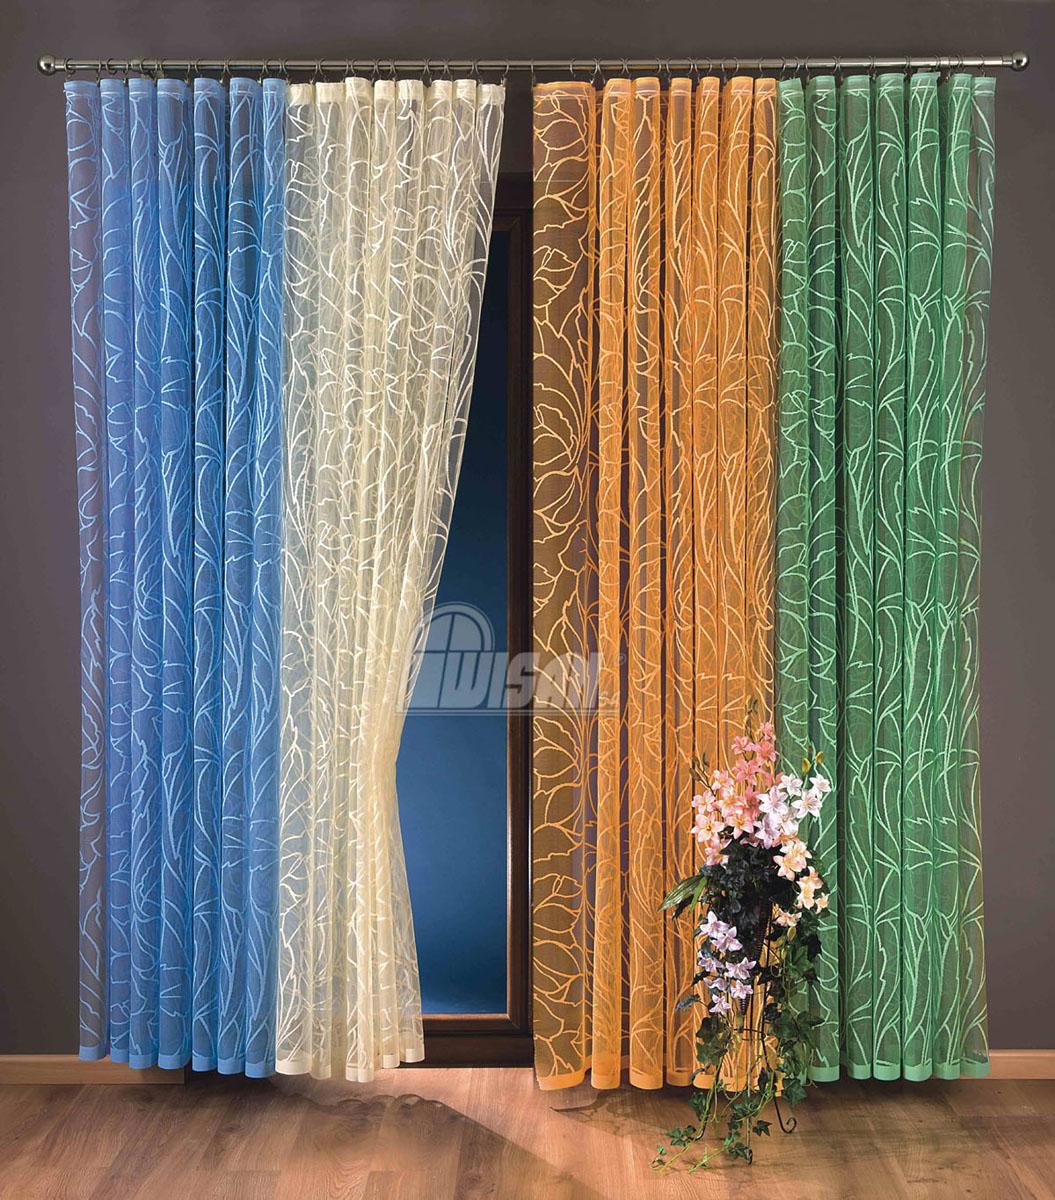 Гардина-тюль Zara, на ленте, цвет: голубой, высота 250 смSVC-300Воздушная гардина-тюль Zara, изготовленная из полиэстера голубого цвета, станет великолепным украшением любого окна. Тонкое плетение, оригинальный дизайн и приятная цветовая гамма привлекут к себе внимание и органично впишутся в интерьер комнаты. В гардину-тюль вшита шторная лента. Характеристики:Материал: 100% полиэстер. Цвет: голубой. Размер упаковки:27 см х 36 см х 3 см. Артикул: 737871.В комплект входит:Гардина-тюль - 1 шт. Размер (Ш х В): 150 см х 250 см. Фирма Wisan на польском рынке существует уже более пятидесяти лет и является одной из лучших польских фабрик по производству штор и тканей. Ассортимент фирмы представлен готовыми комплектами штор для гостиной, детской, кухни, а также текстилем для кухни (скатерти, салфетки, дорожки, кухонные занавески). Модельный ряд отличает оригинальный дизайн, высокое качество. Ассортимент продукции постоянно пополняется.УВАЖАЕМЫЕ КЛИЕНТЫ!Обращаем ваше внимание на цвет изделия. Цветовой вариант гардины-тюли, данной в интерьере, служит для визуального восприятия товара. Цветовая гамма данной гардины-тюли представлена на отдельном изображении фрагментом ткани.